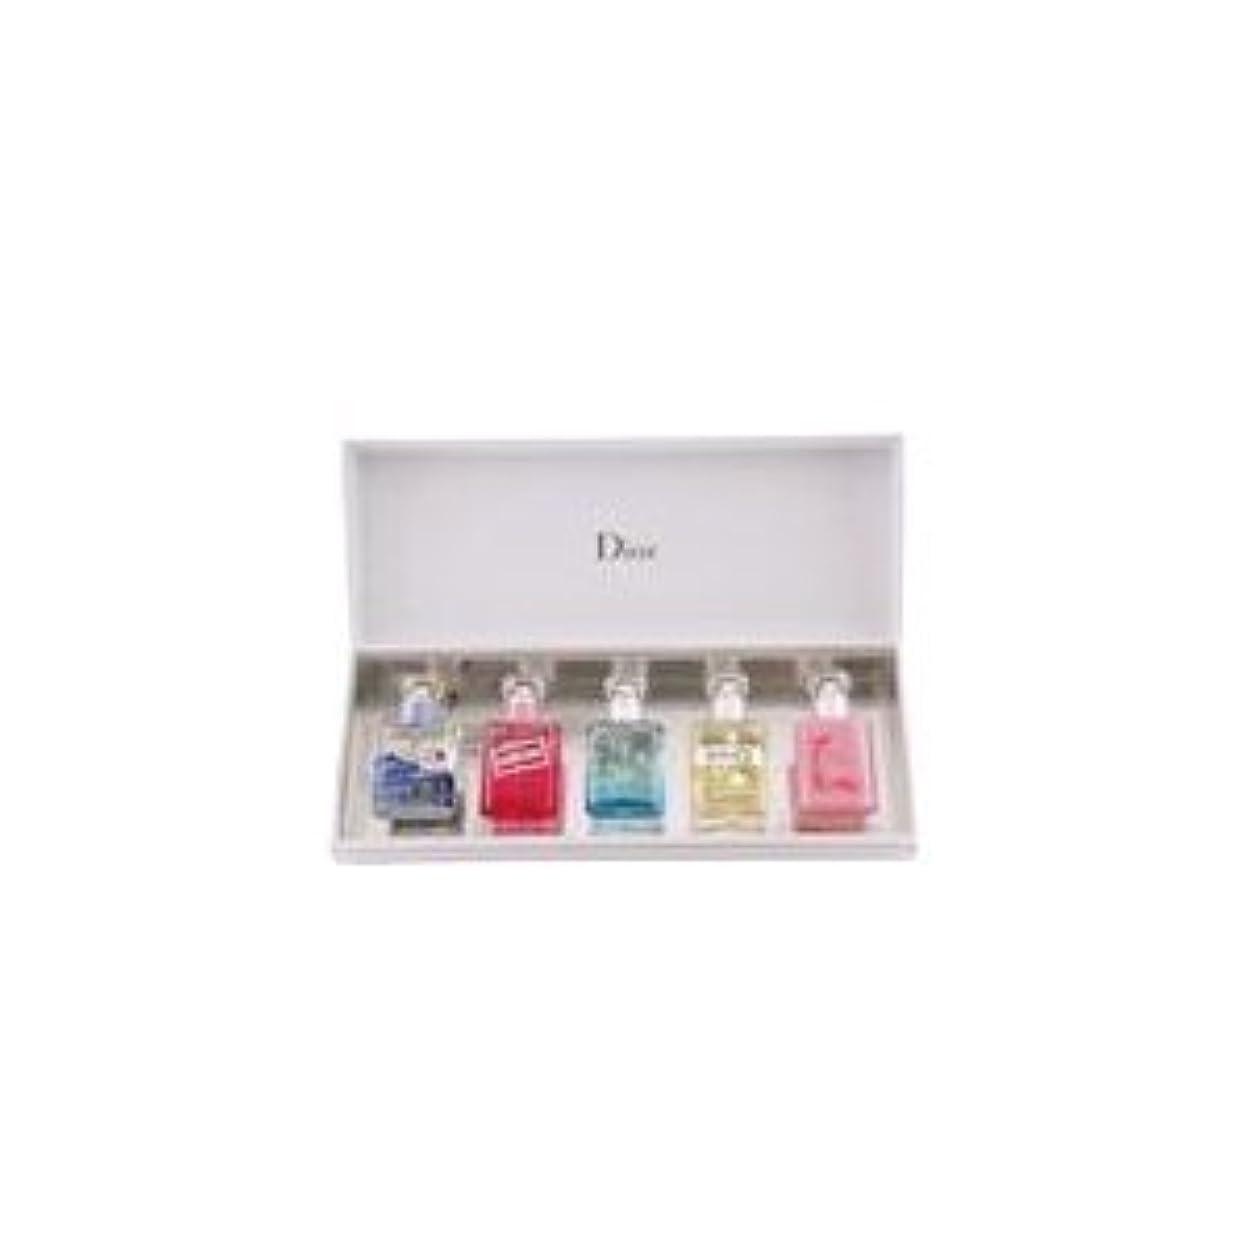 カード期限切れ引くクリスチャンディオール イン ラブ ウィズ ディオール EDT SP 7.5ml×5 ミニチュア香水セット (並行輸入)